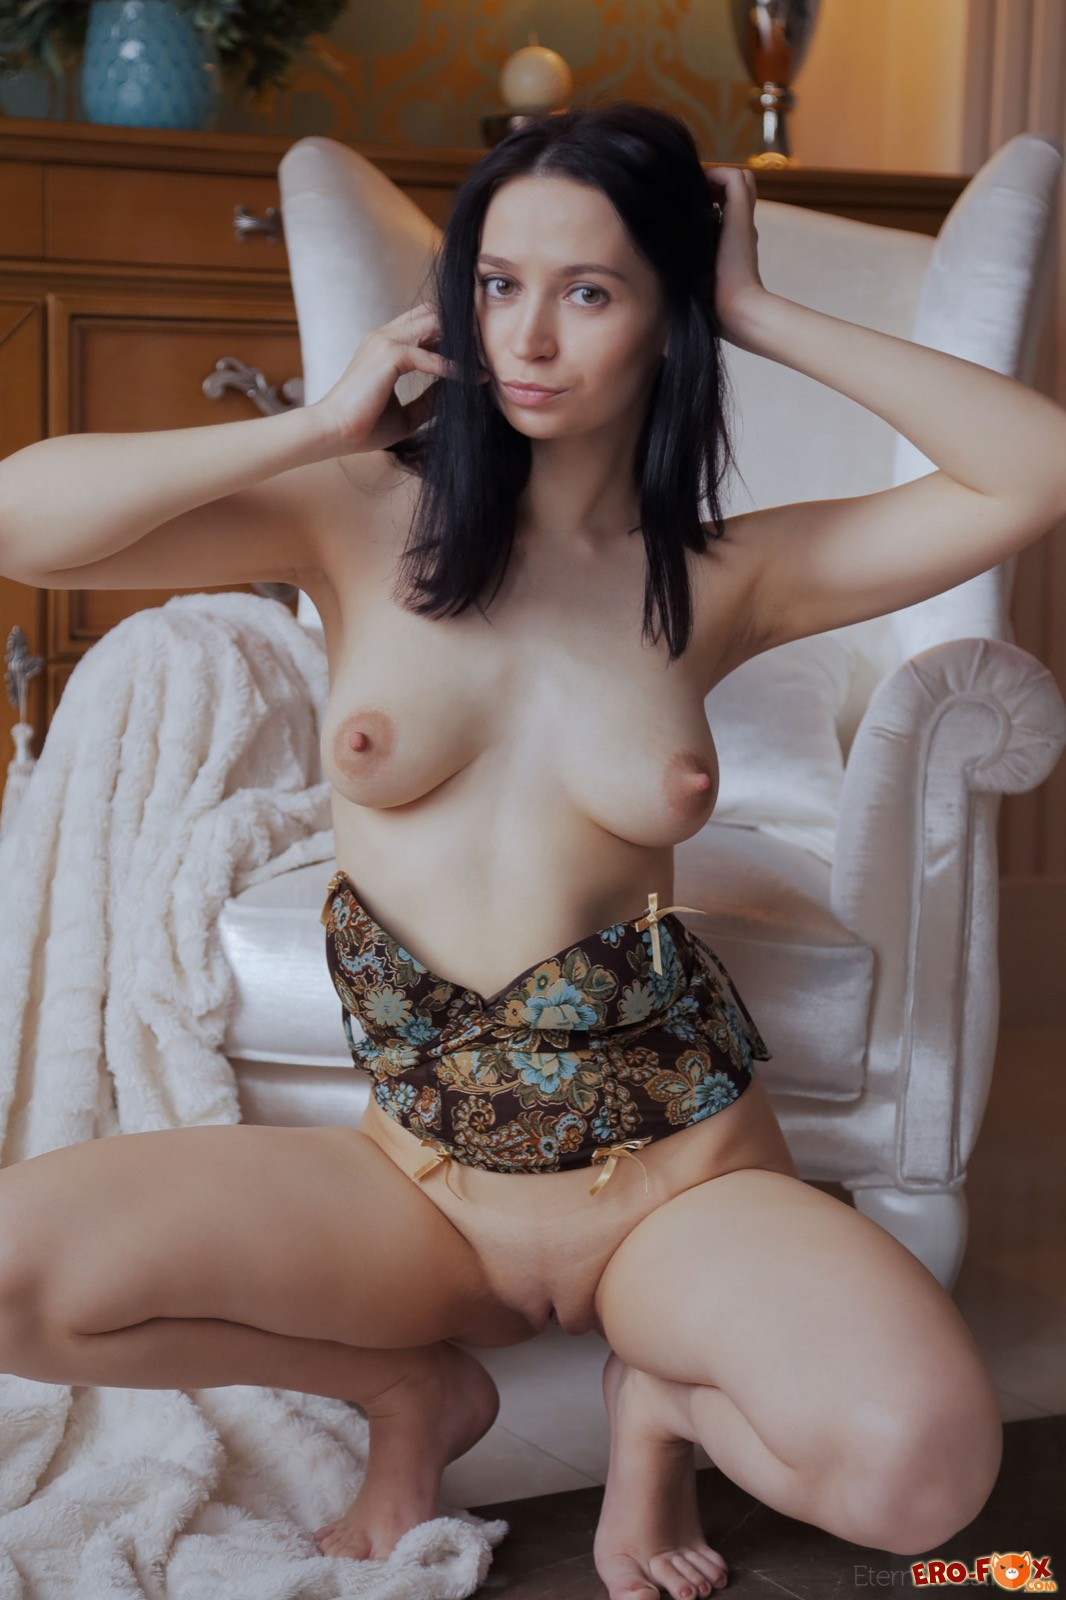 Торчащие соски на груди молодой девушки